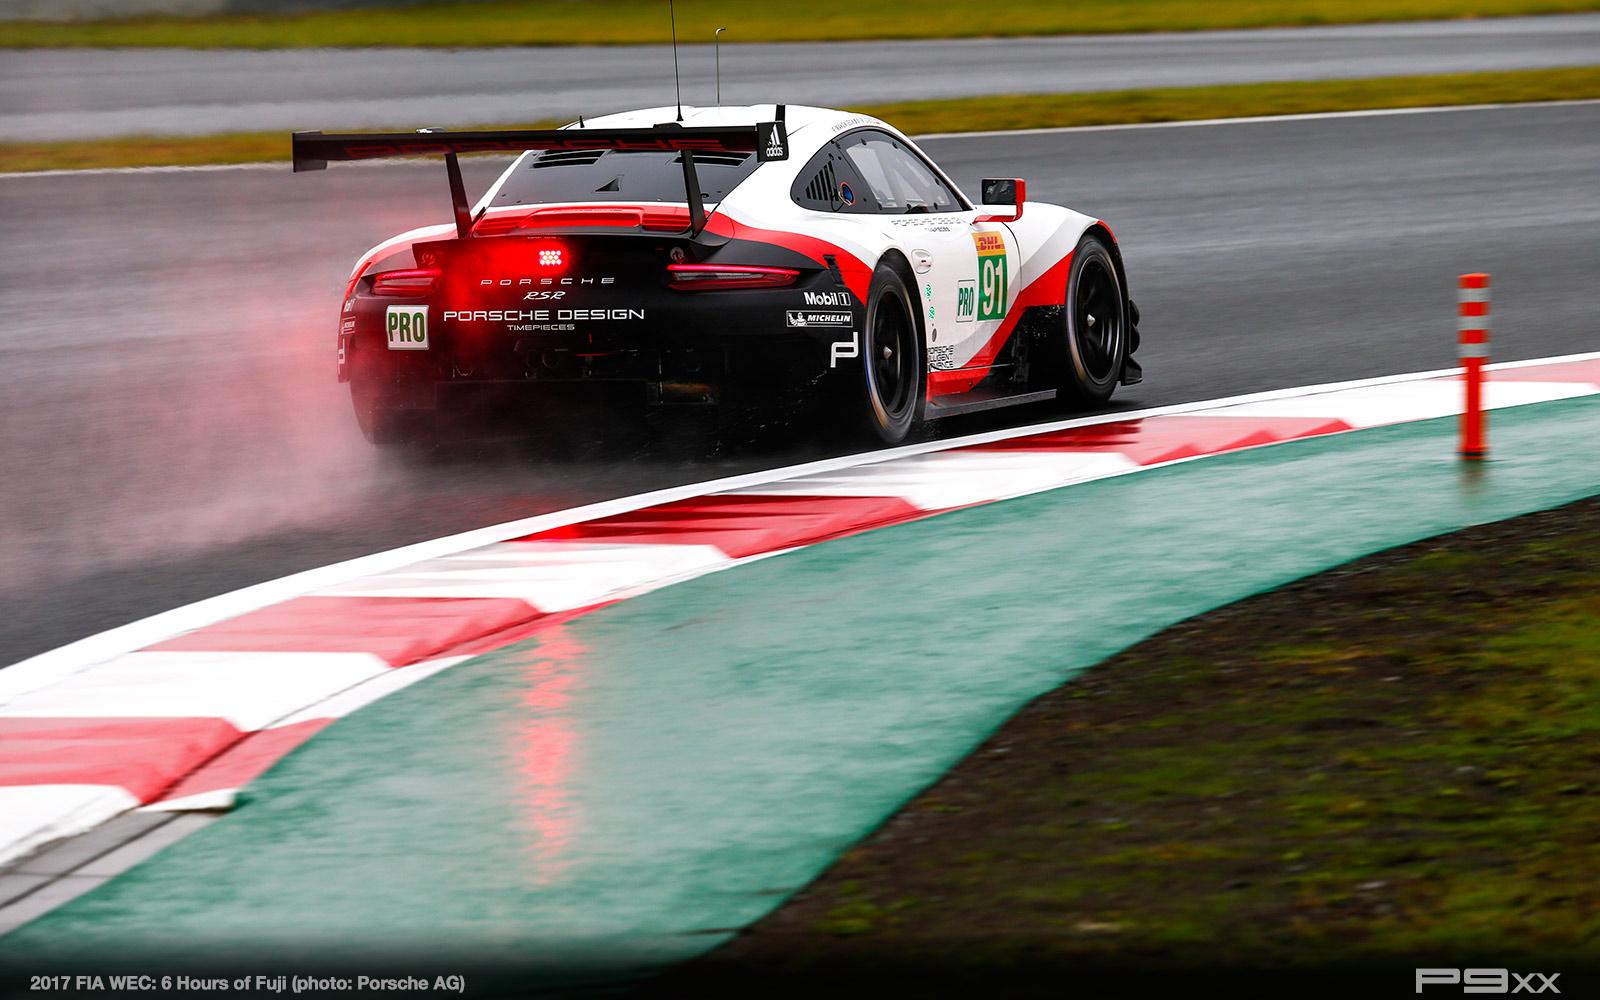 2017-FIA-WEC-6h-of-Fuji-Porsche-350